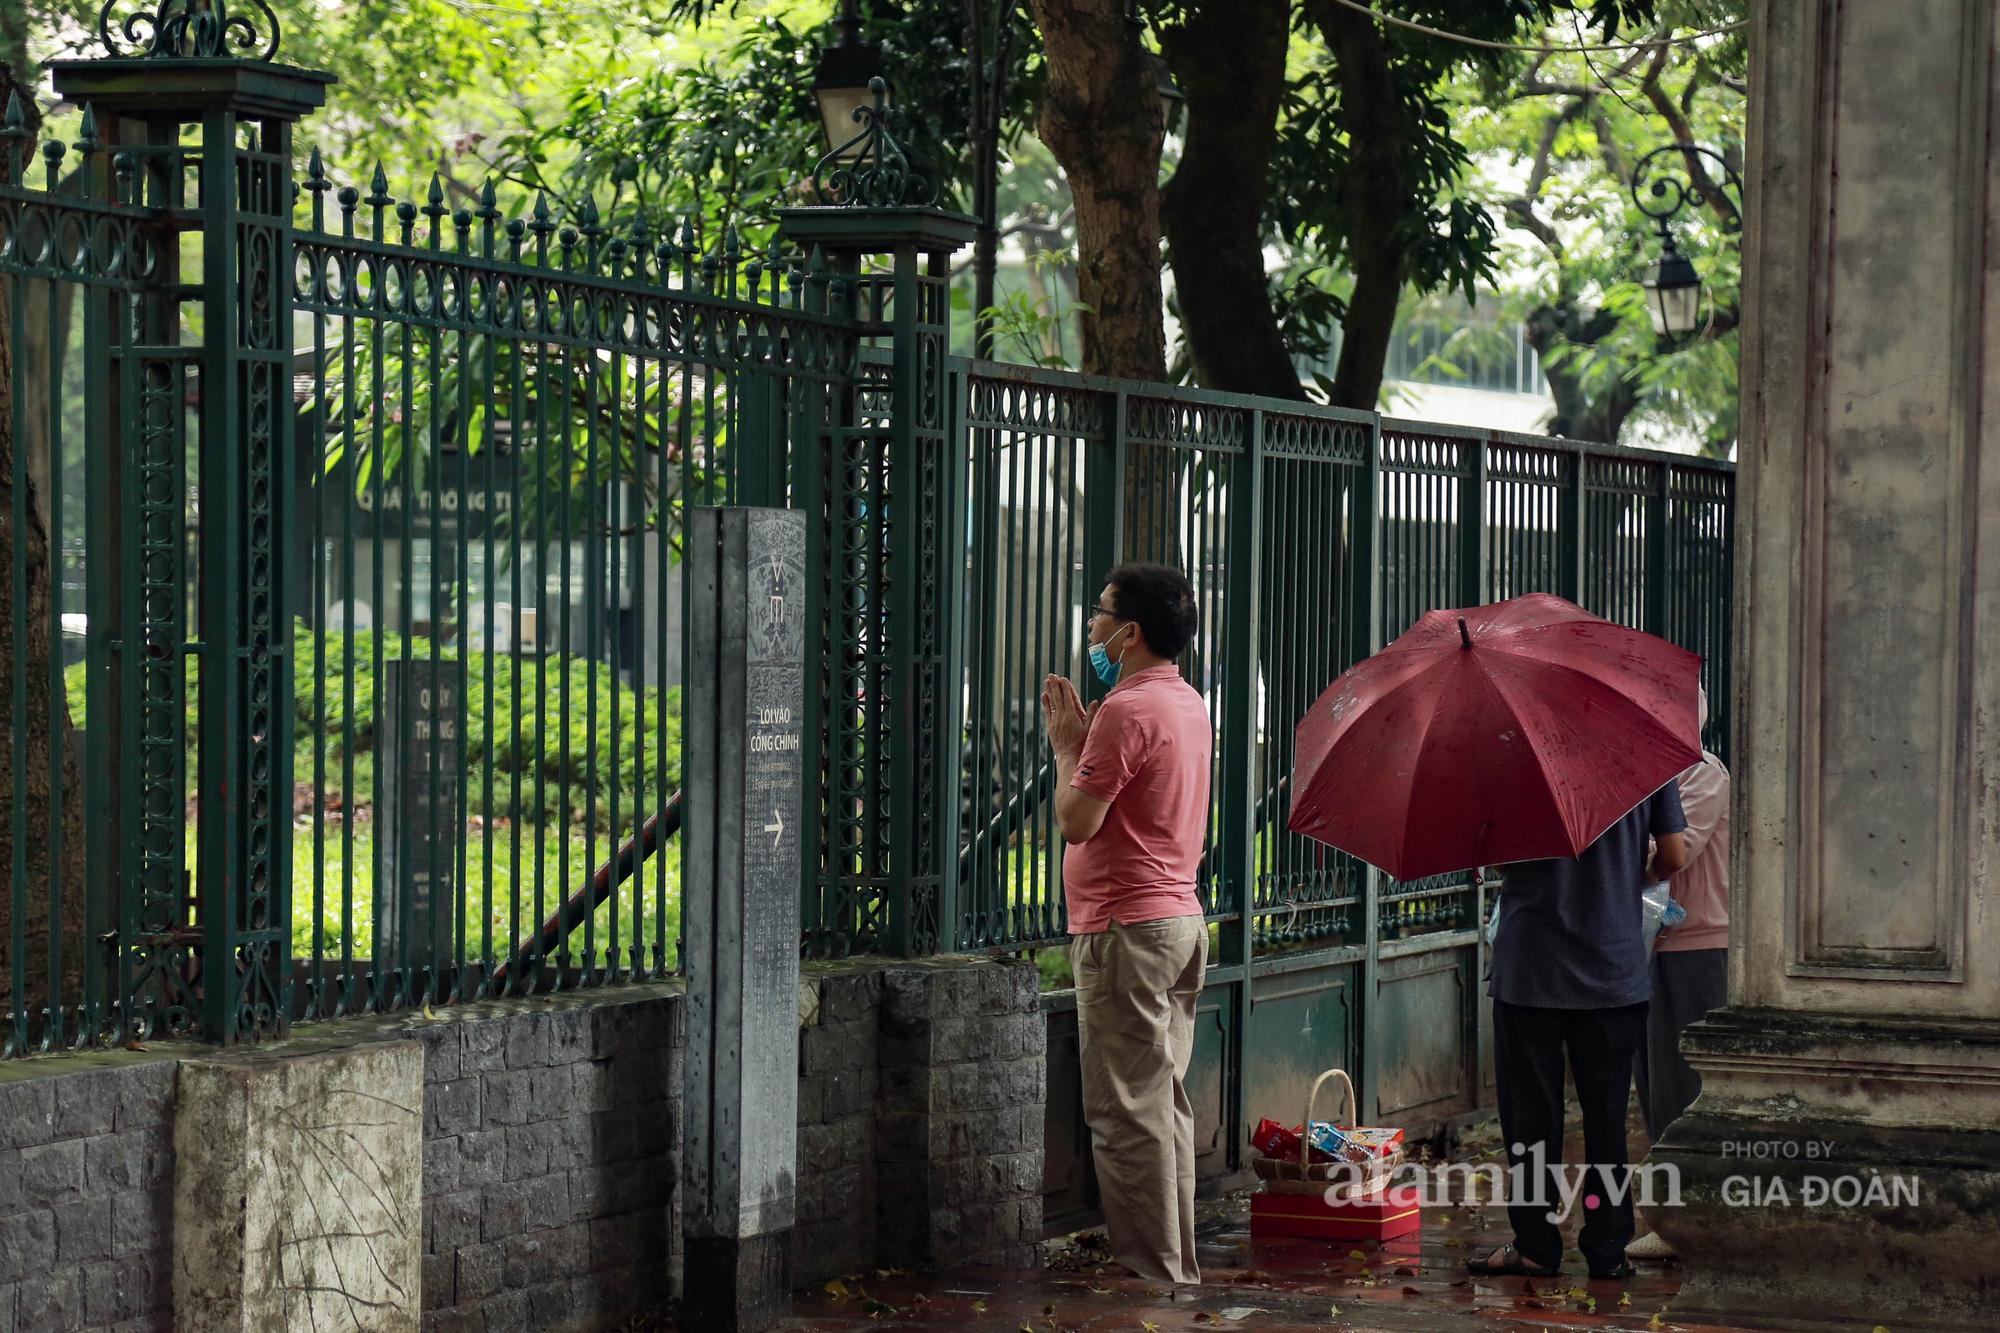 Phụ huynh, thí sinh ở Hà Nội đội mưa đi lễ cầu may trước ngày thi vào lớp 10 THPT - Ảnh 7.